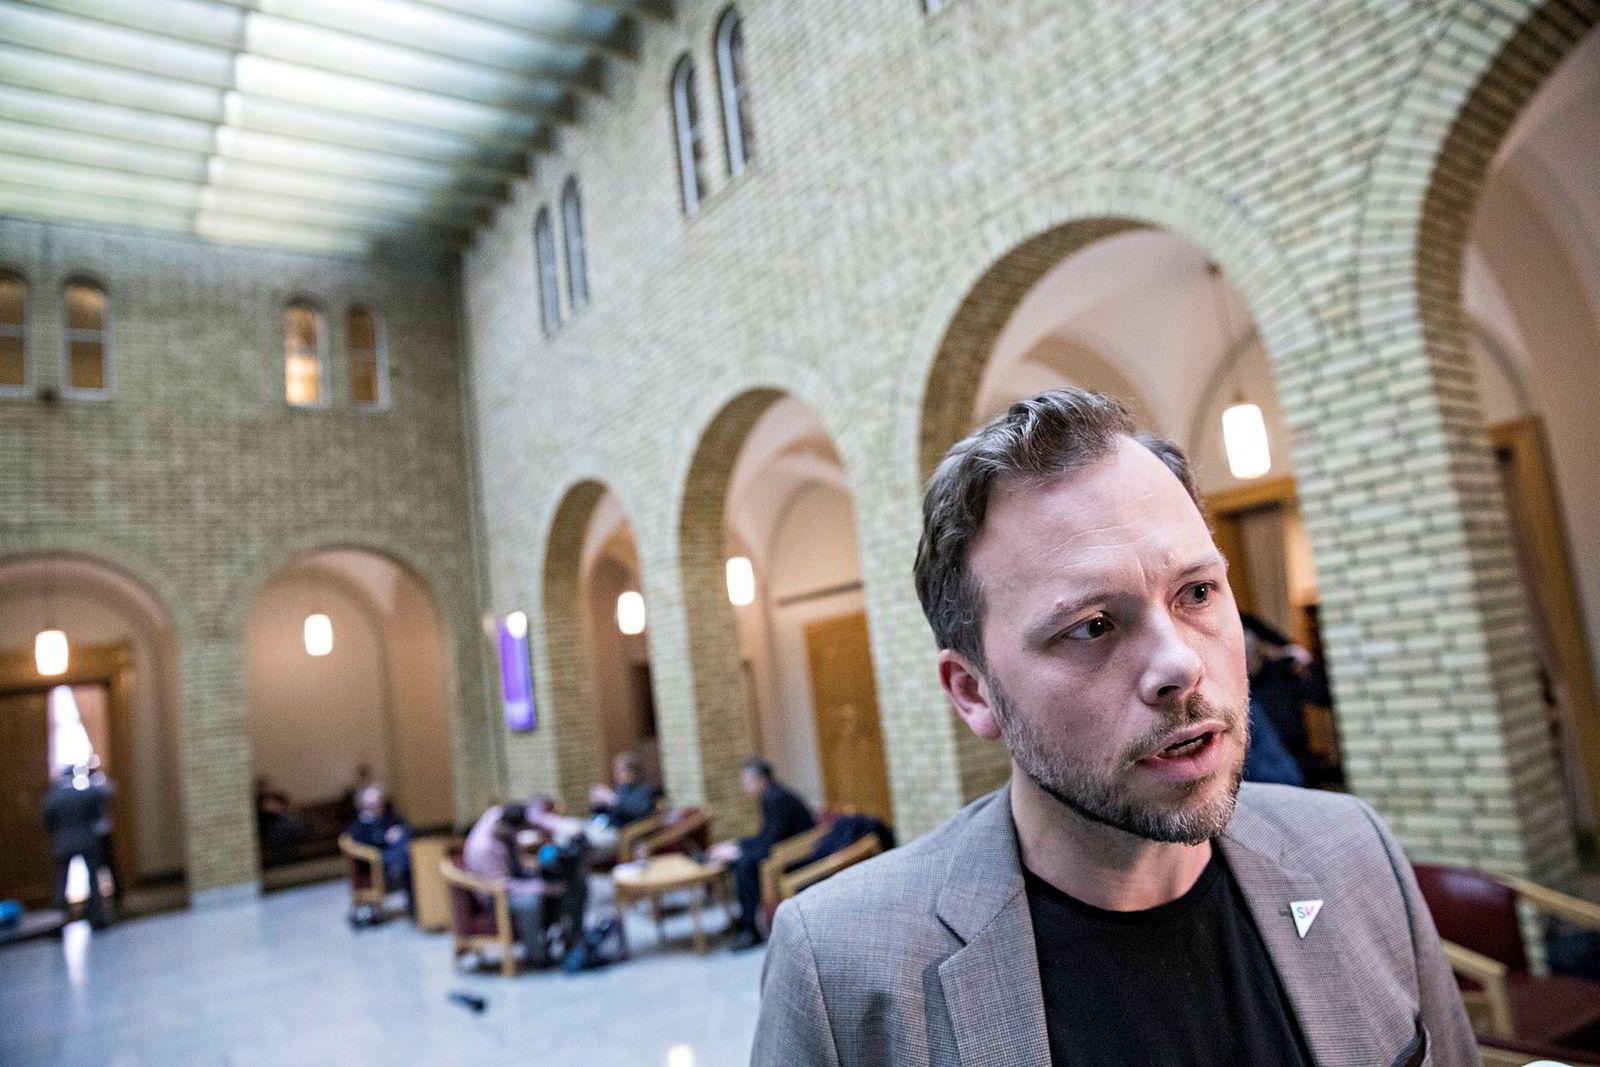 SV-leder Audun Lysbakken mener regjeringen setter penger foran klima.